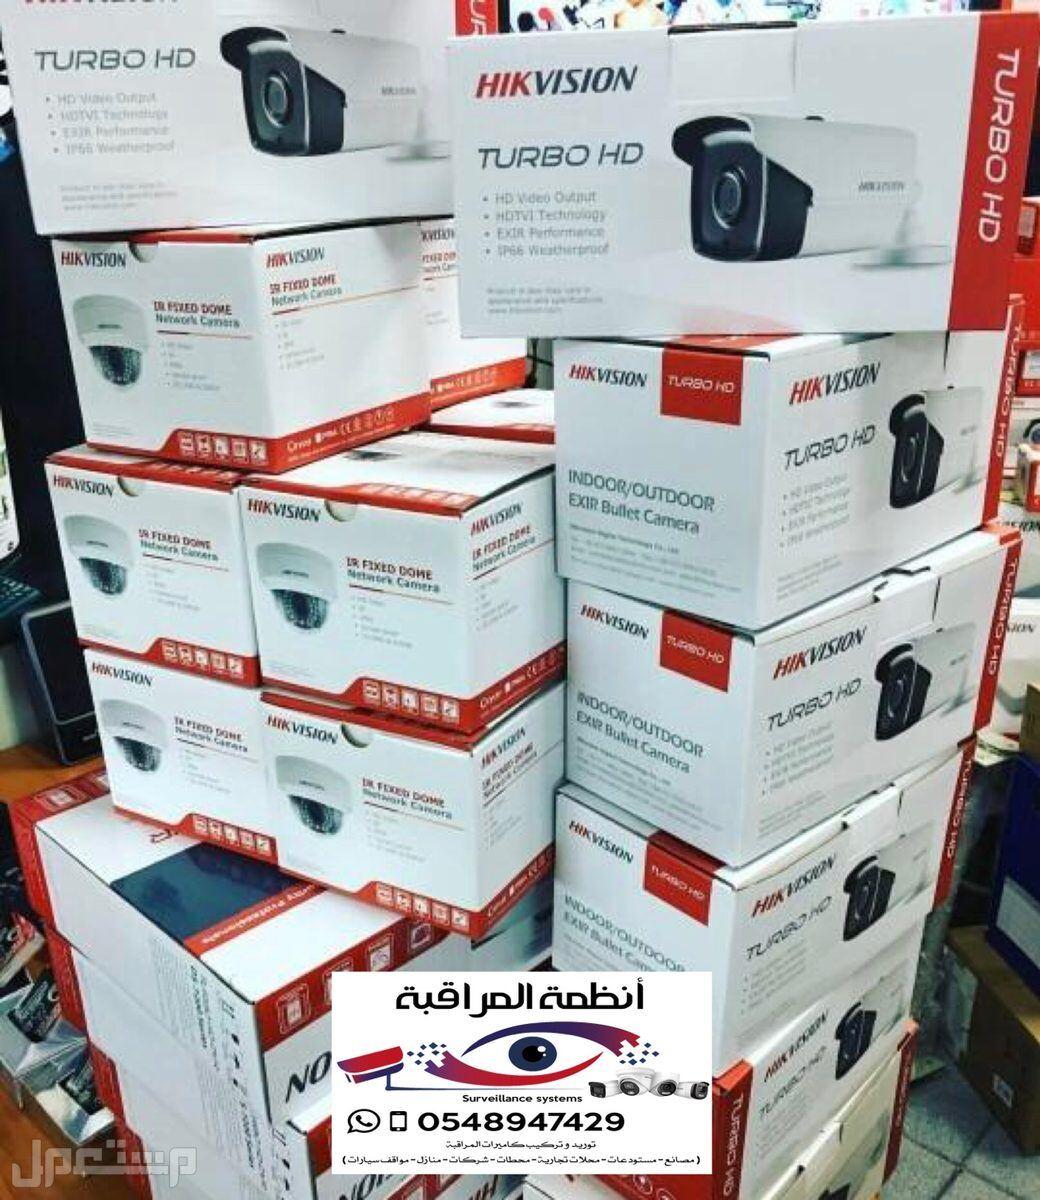 كاميرات مراقبة بأسعار منافسة